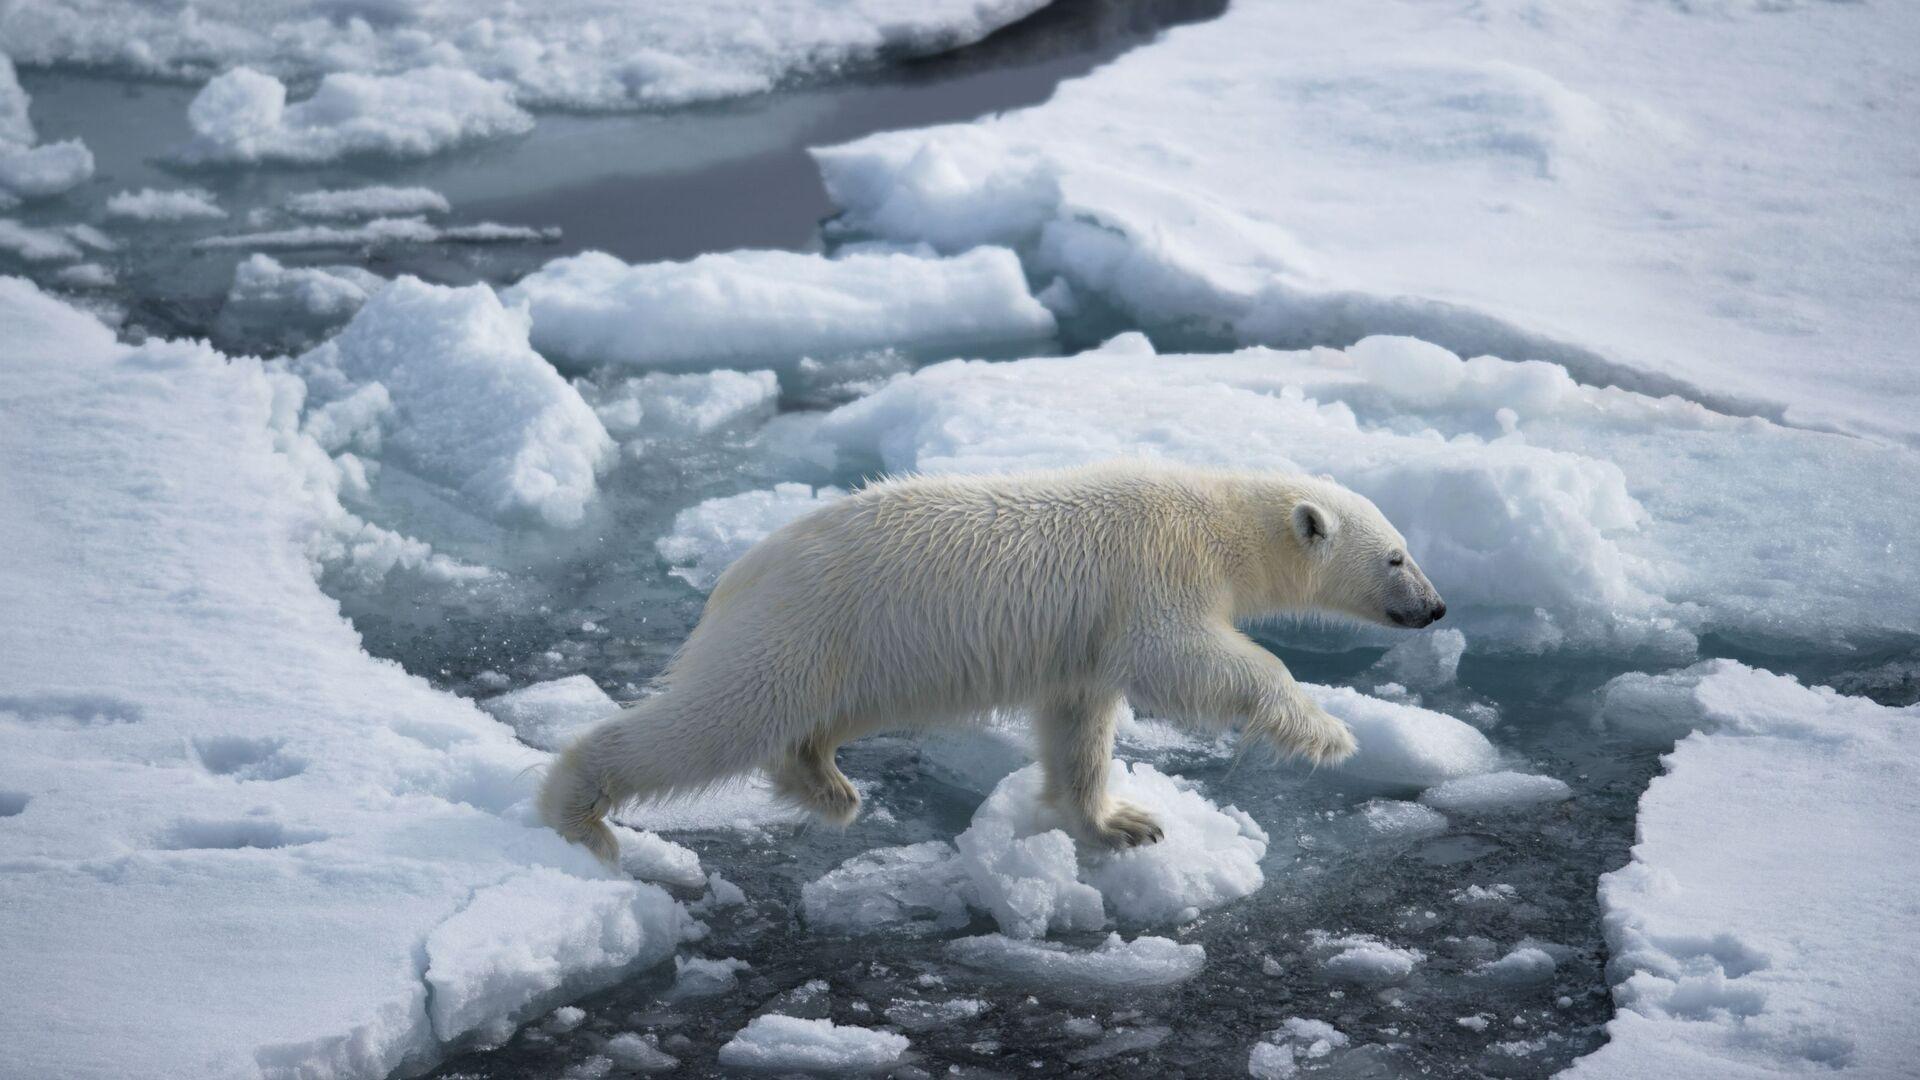 Белый медвежонок в районе архипелага Земля Франца Иосифа в Баренцевом море - РИА Новости, 1920, 01.07.2021